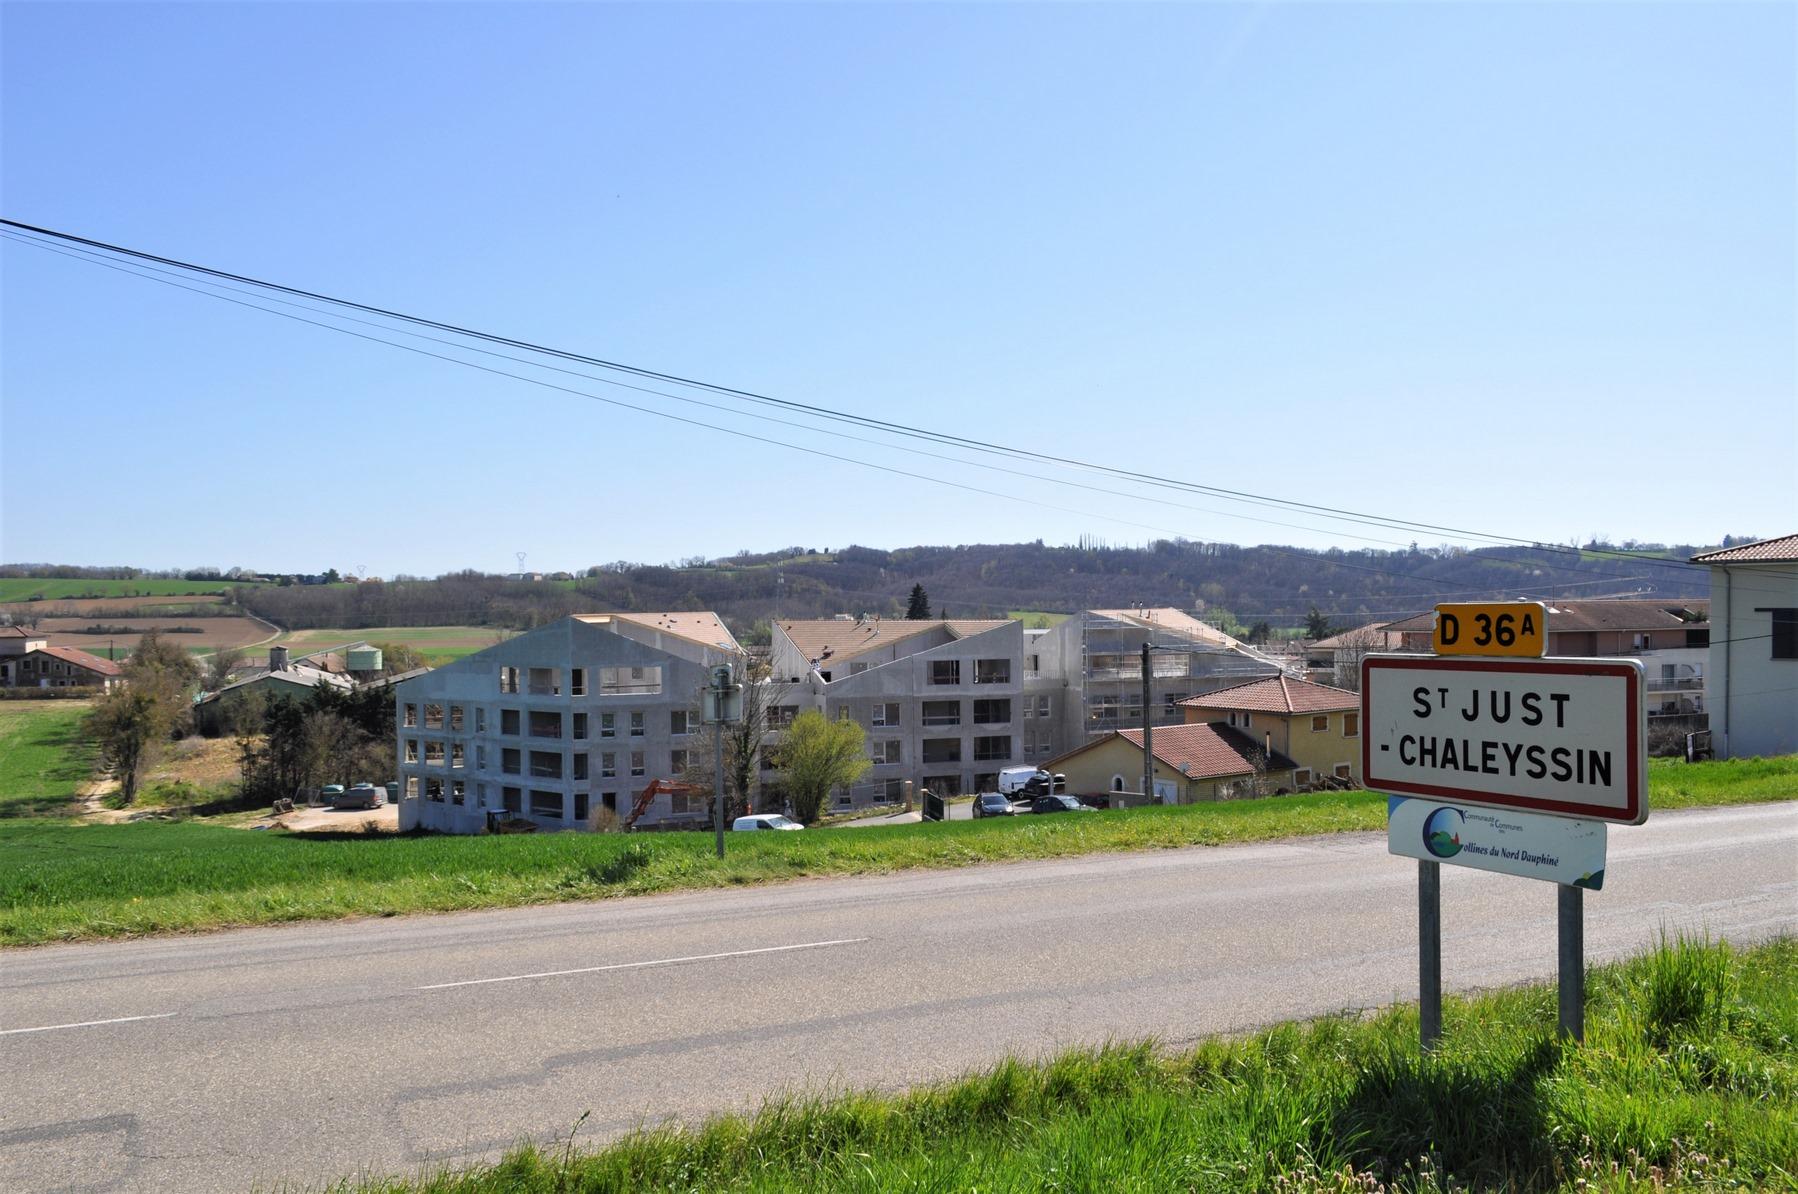 31 logements avec chambre d'hôte, atelier bricolage... - Saint-Just-Chaleyssin - Z Architecture